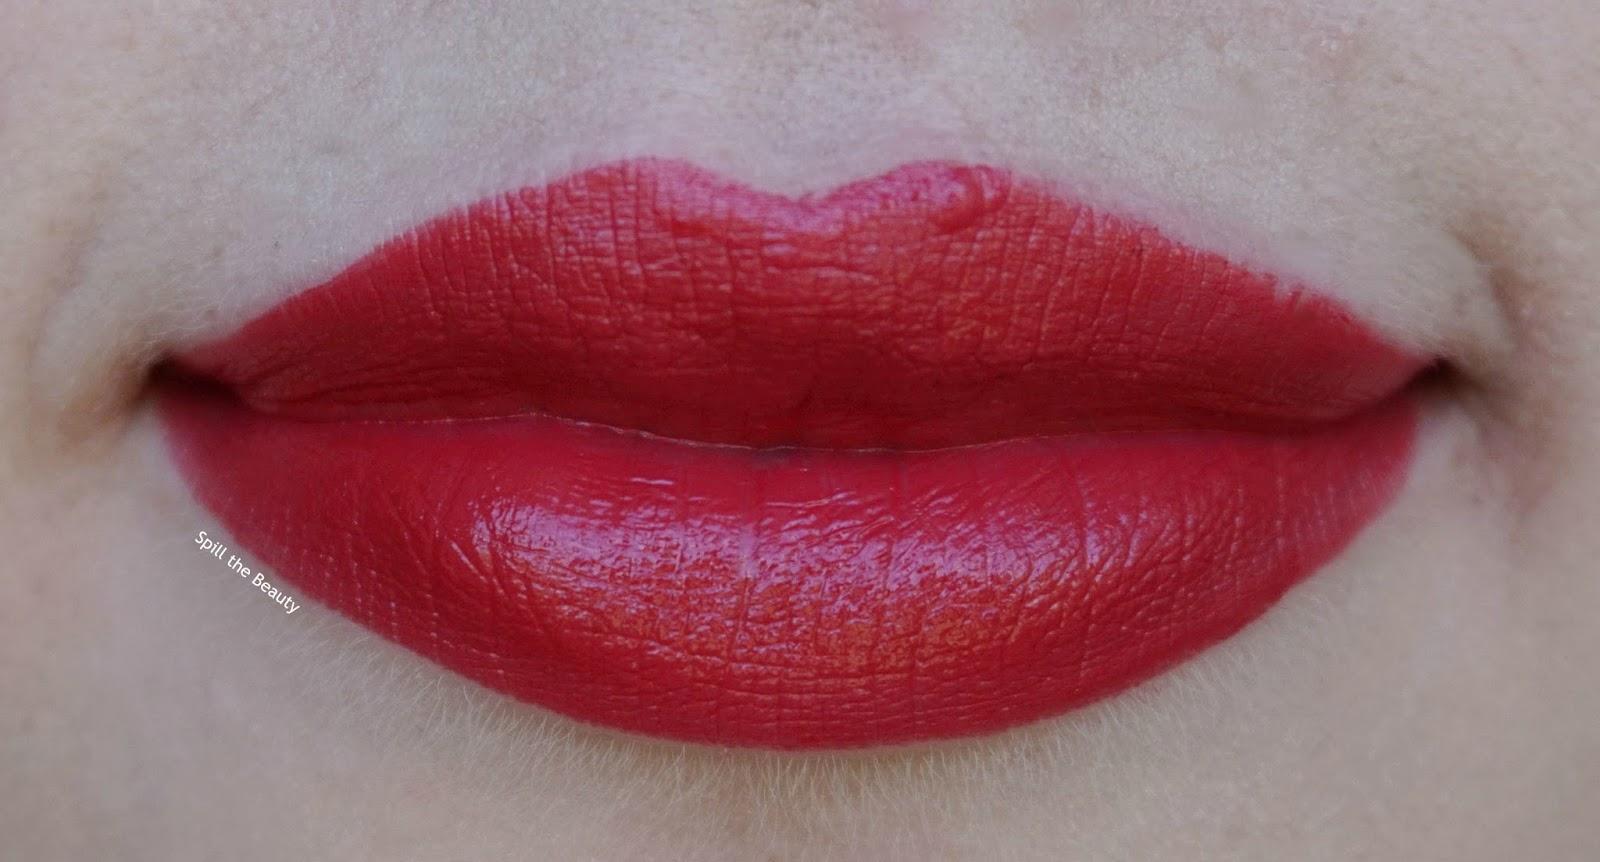 dior rouge concorde 854 - lipstick